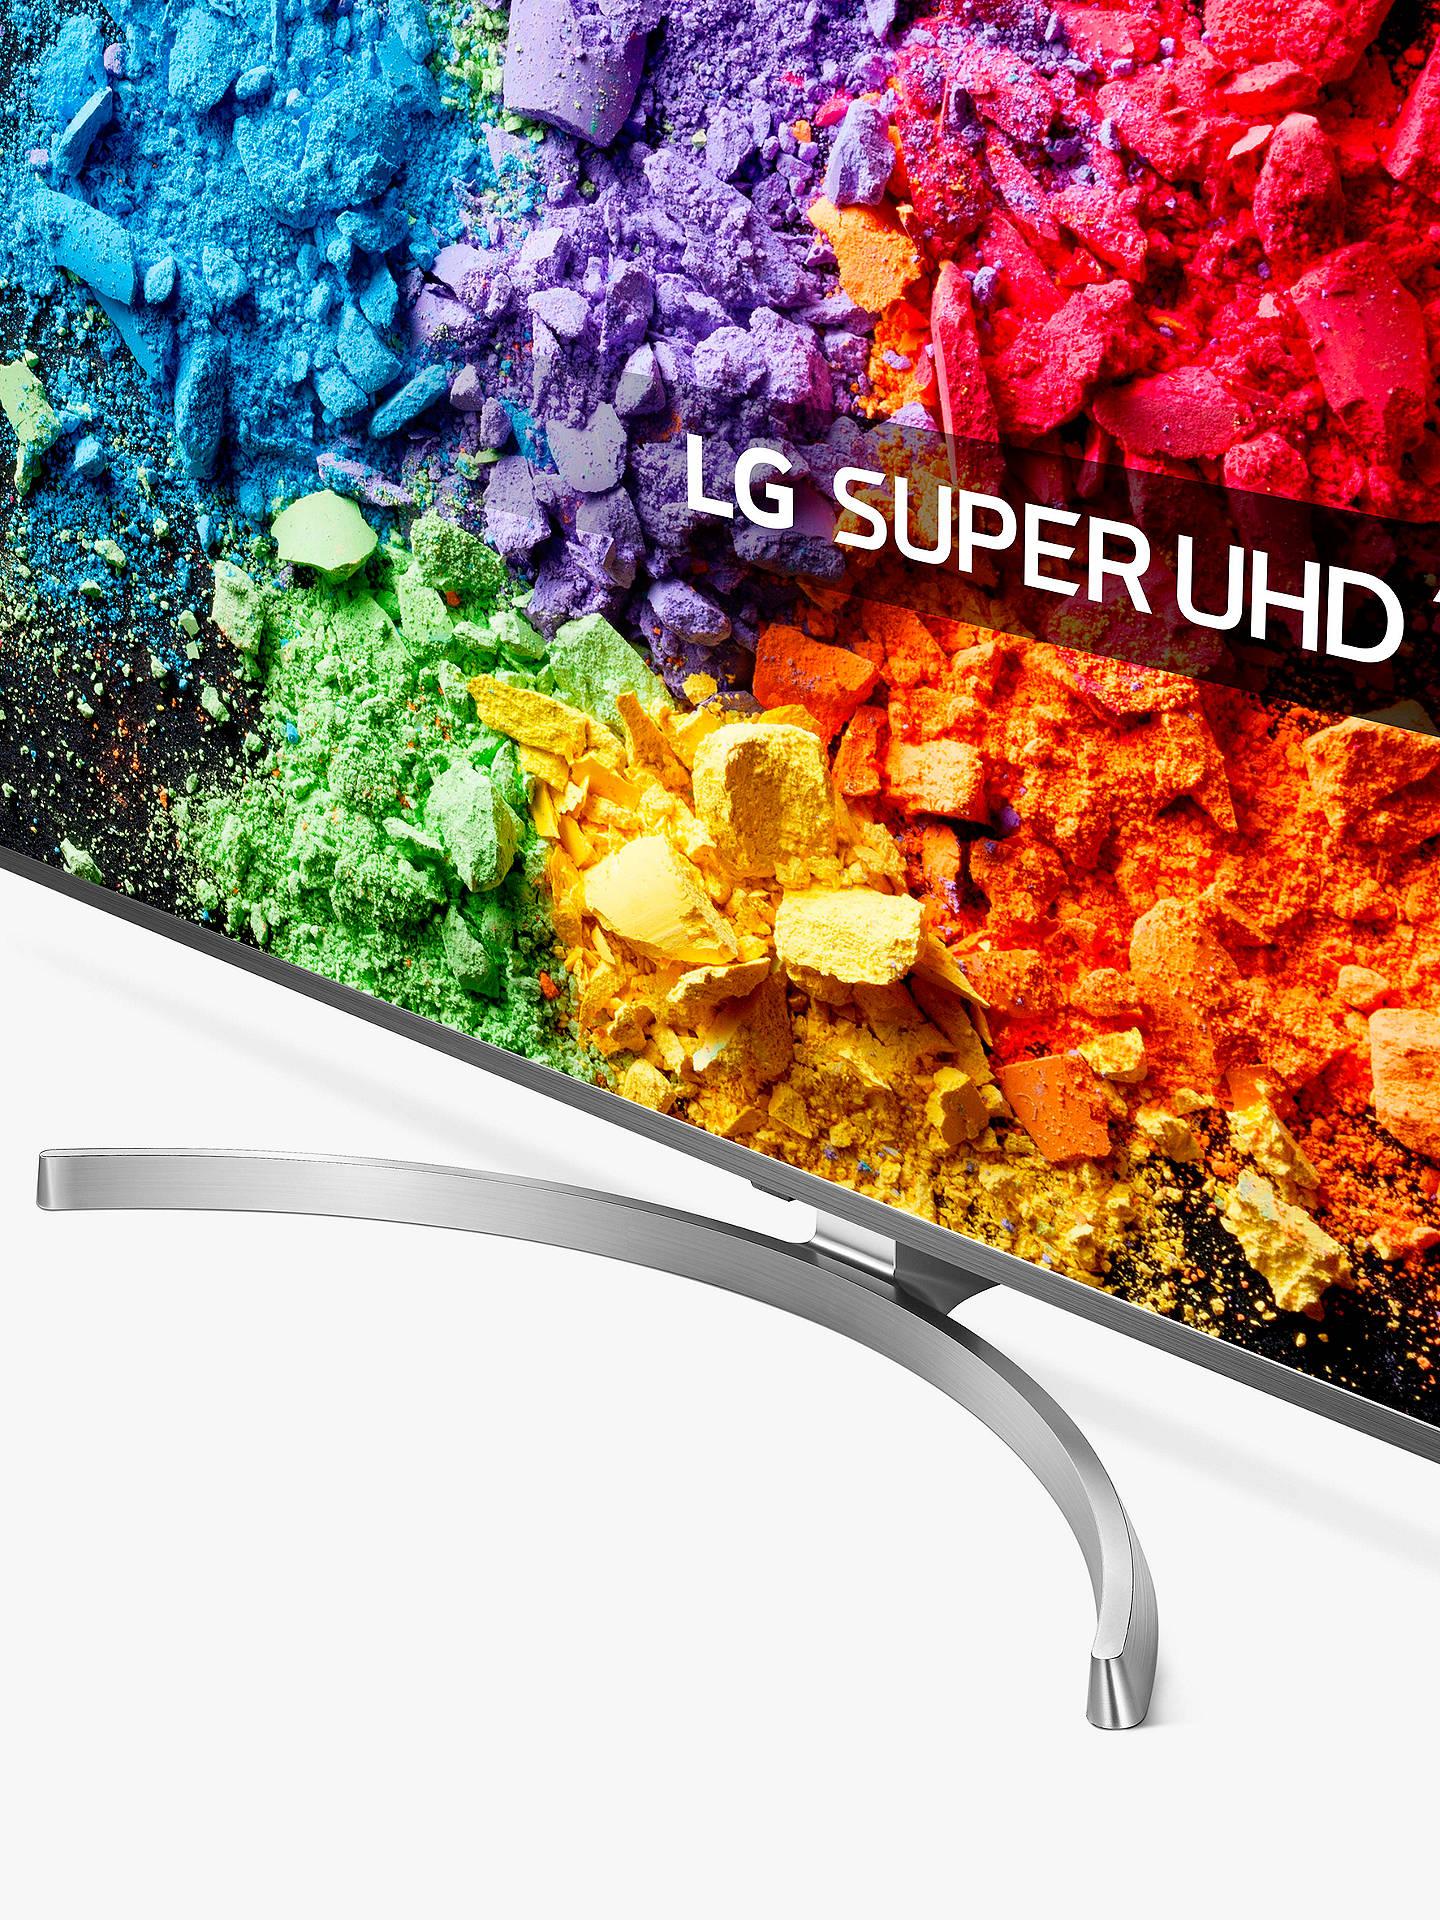 25ab15f948b45 ... Buy LG 55SK8100PLA LED HDR Super UHD 4K Ultra HD Smart TV